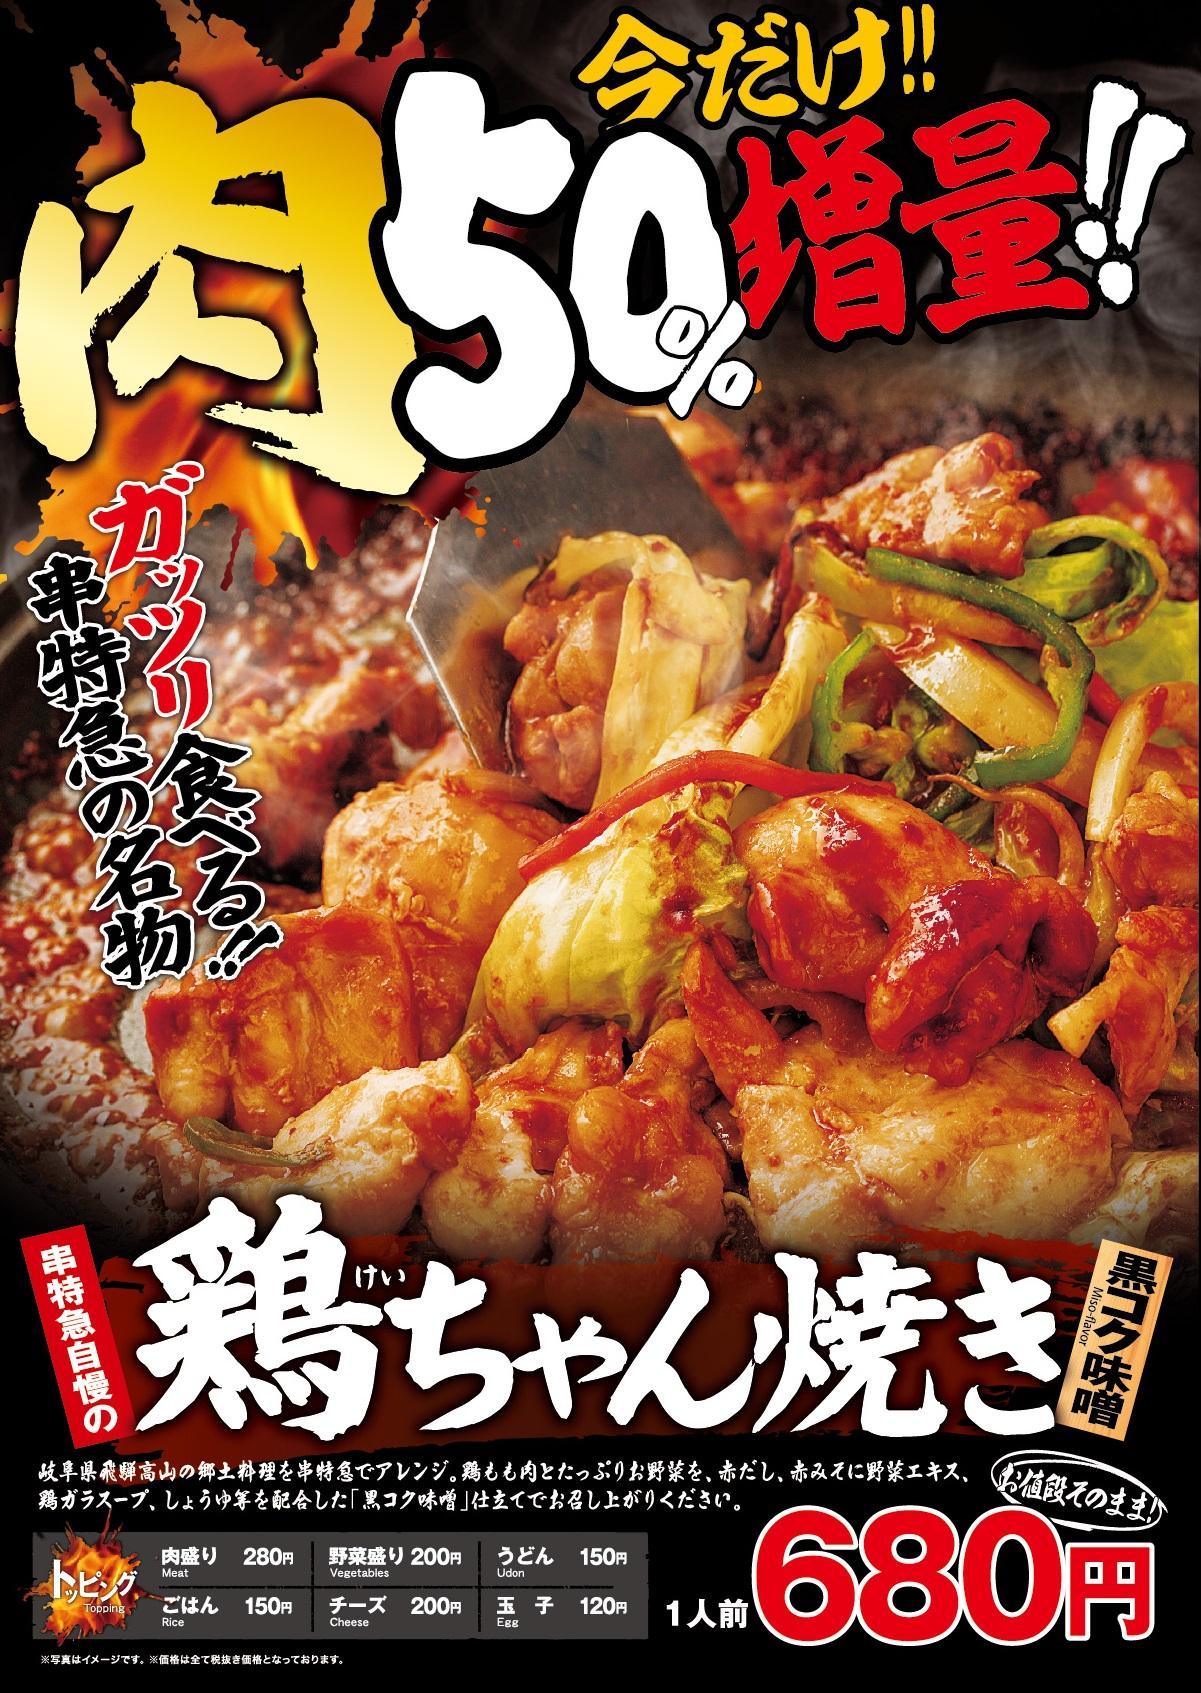 「串特急自慢の【鶏ちゃん焼き】今だけ肉50%増量!」2/1より、スタート致します!